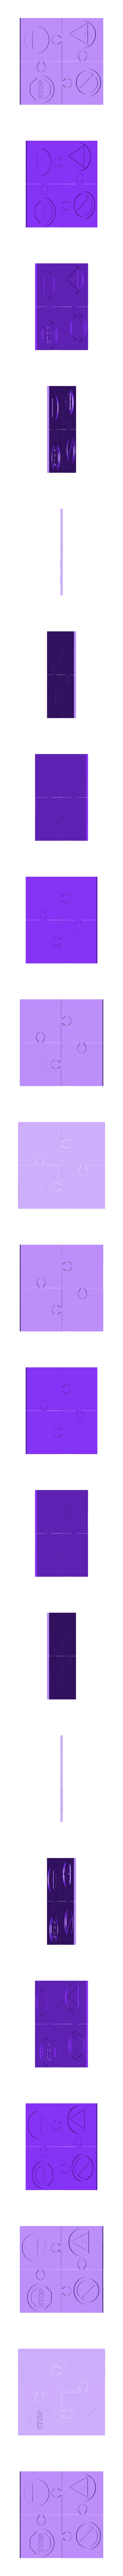 dessous de verre puzzle panneau signalisation stl.stl Download STL file PUZZLE UNDER GLASS SIGNALING PANEL • Template to 3D print, catf3d